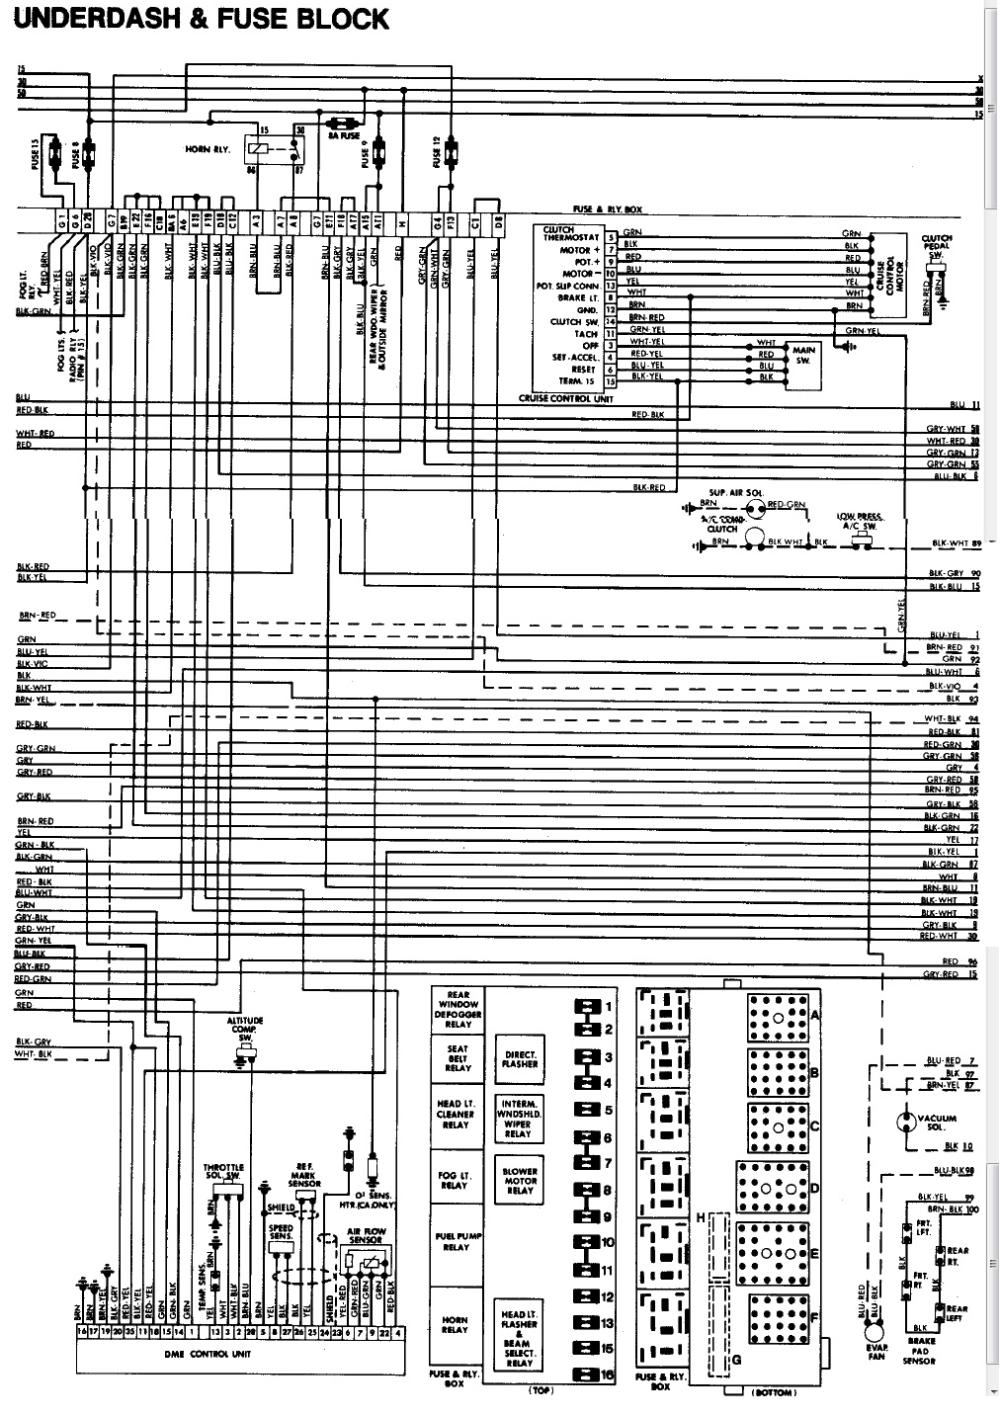 medium resolution of porsche 356c wiring diagram ferrari 308 wiring diagram volkswagen golf wiring diagram porsche